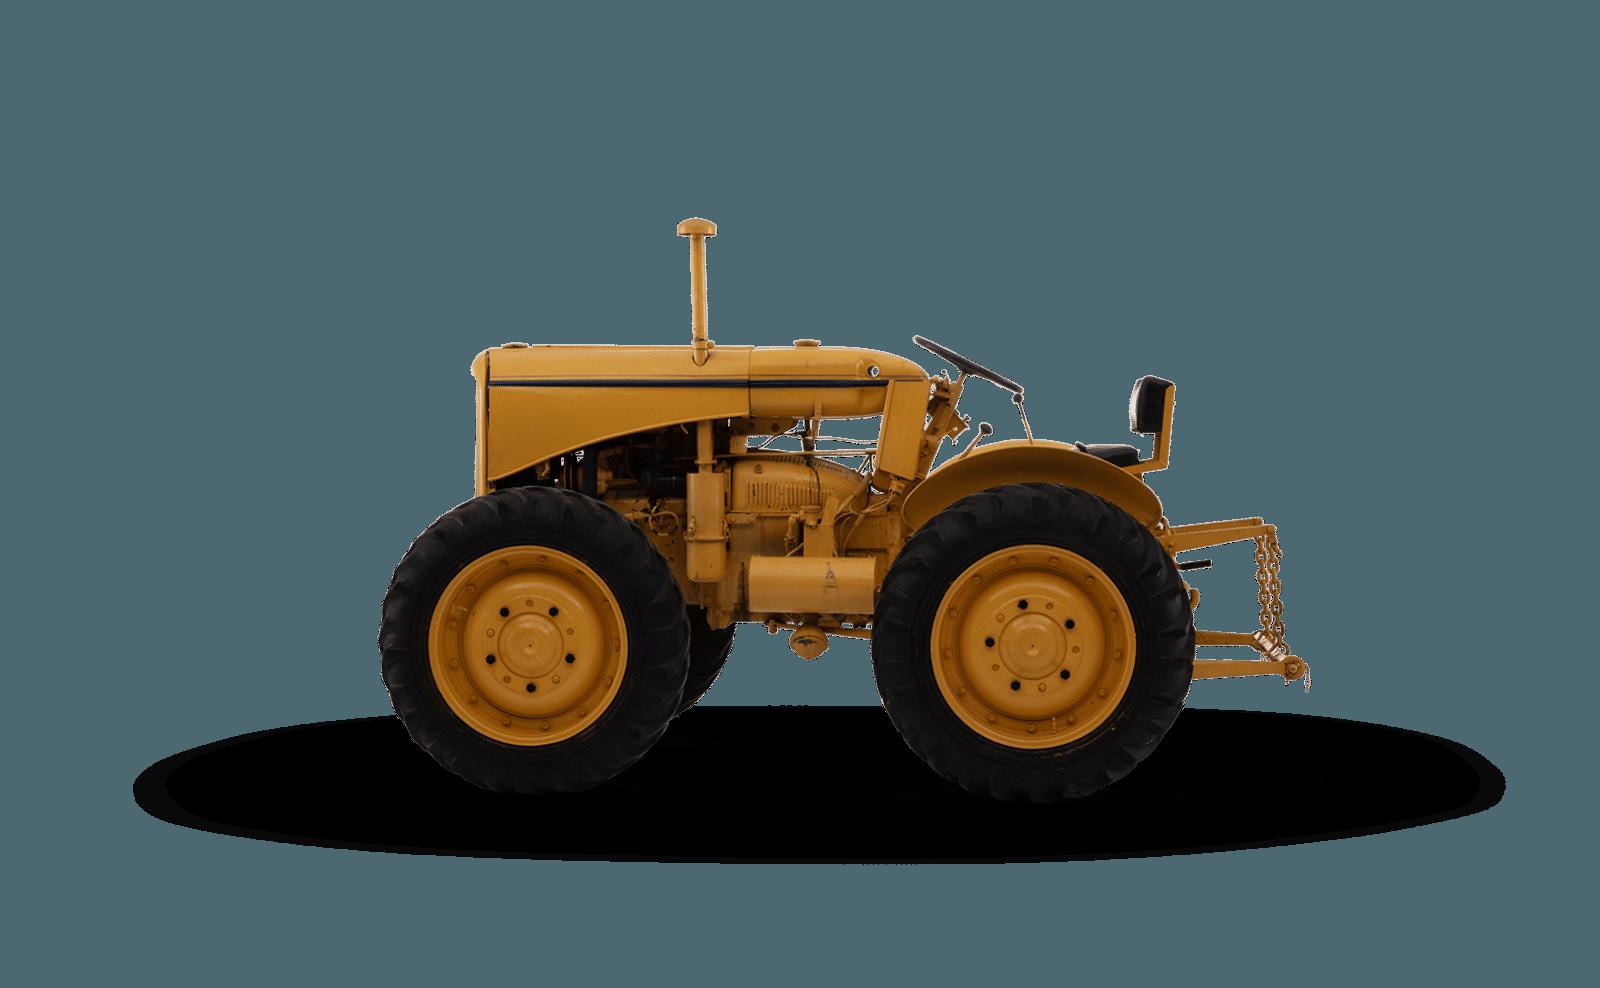 Citroen tracteur type j -